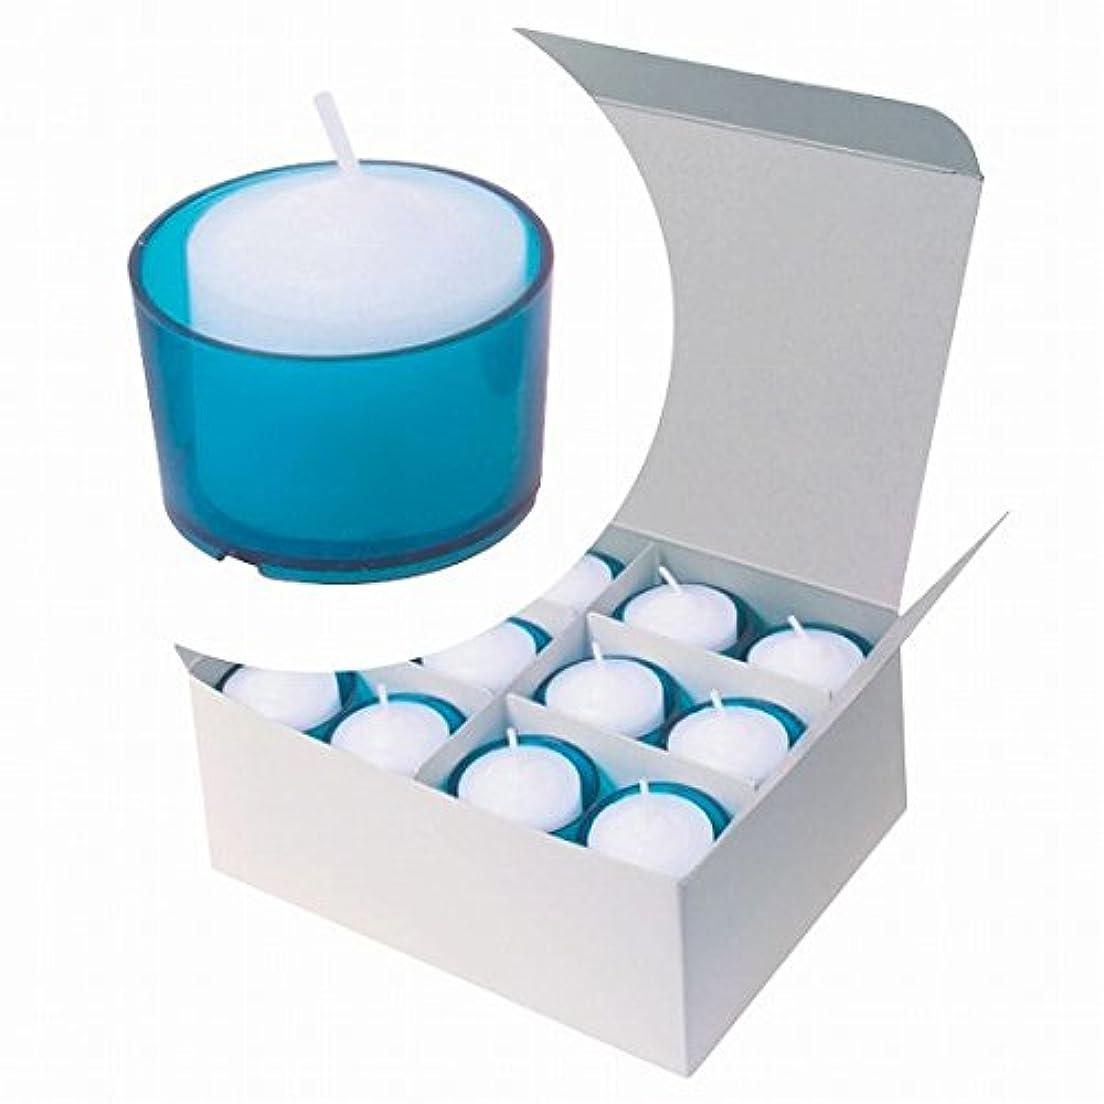 まっすぐにする確かにシリアルカメヤマキャンドル(kameyama candle) カラークリアカップボーティブ6時間タイプ 24個入り 「 ブルー 」